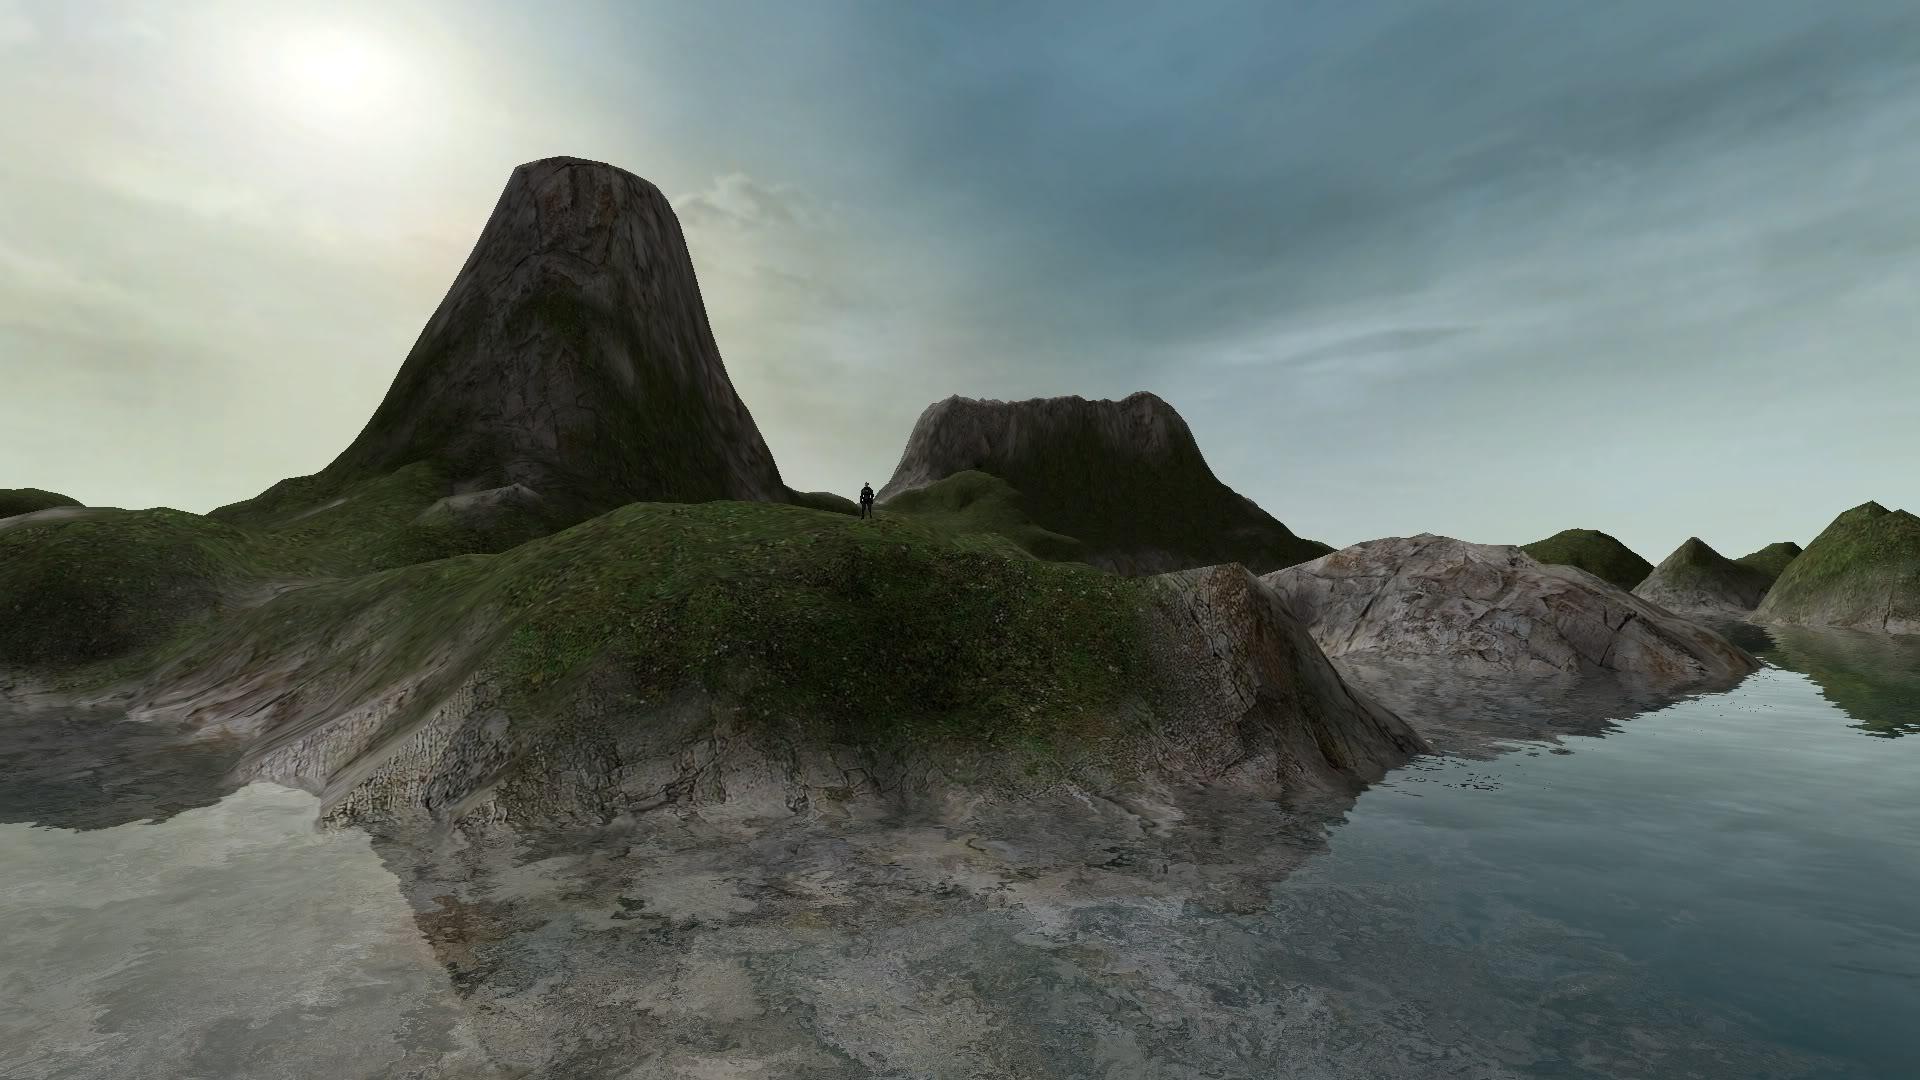 gm_pacific Islandpic